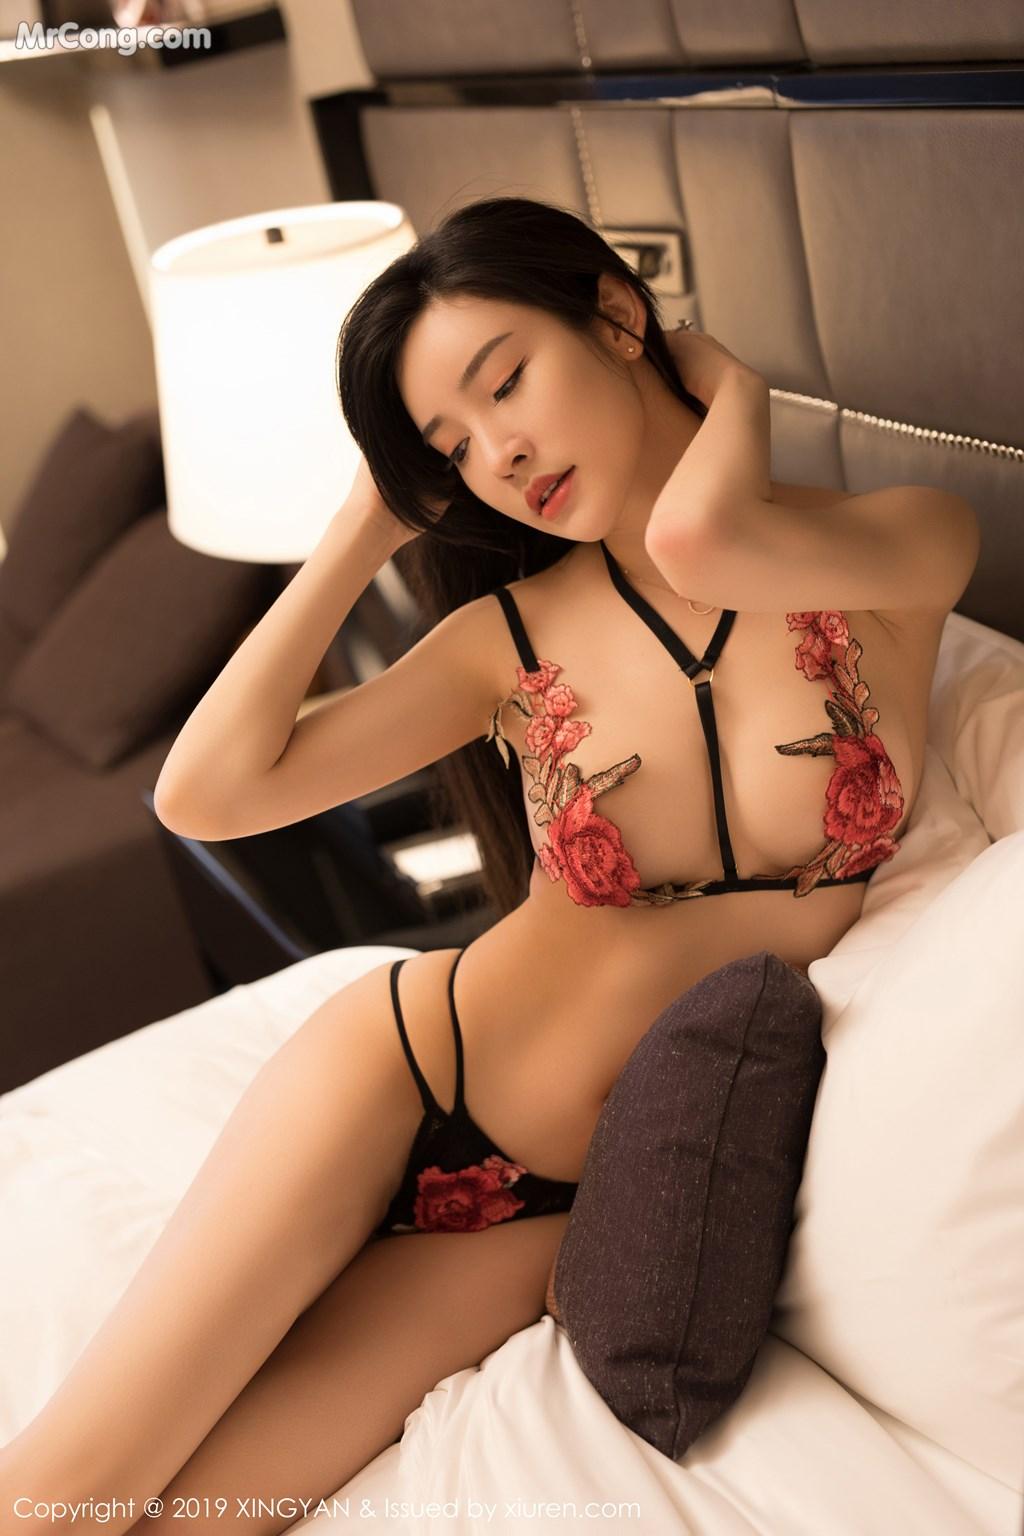 Image XingYan-Vol.121-He-Chen-Xi-MrCong.com-033 in post XingYan Vol.121: He Chen Xi (何晨曦) (49 ảnh)